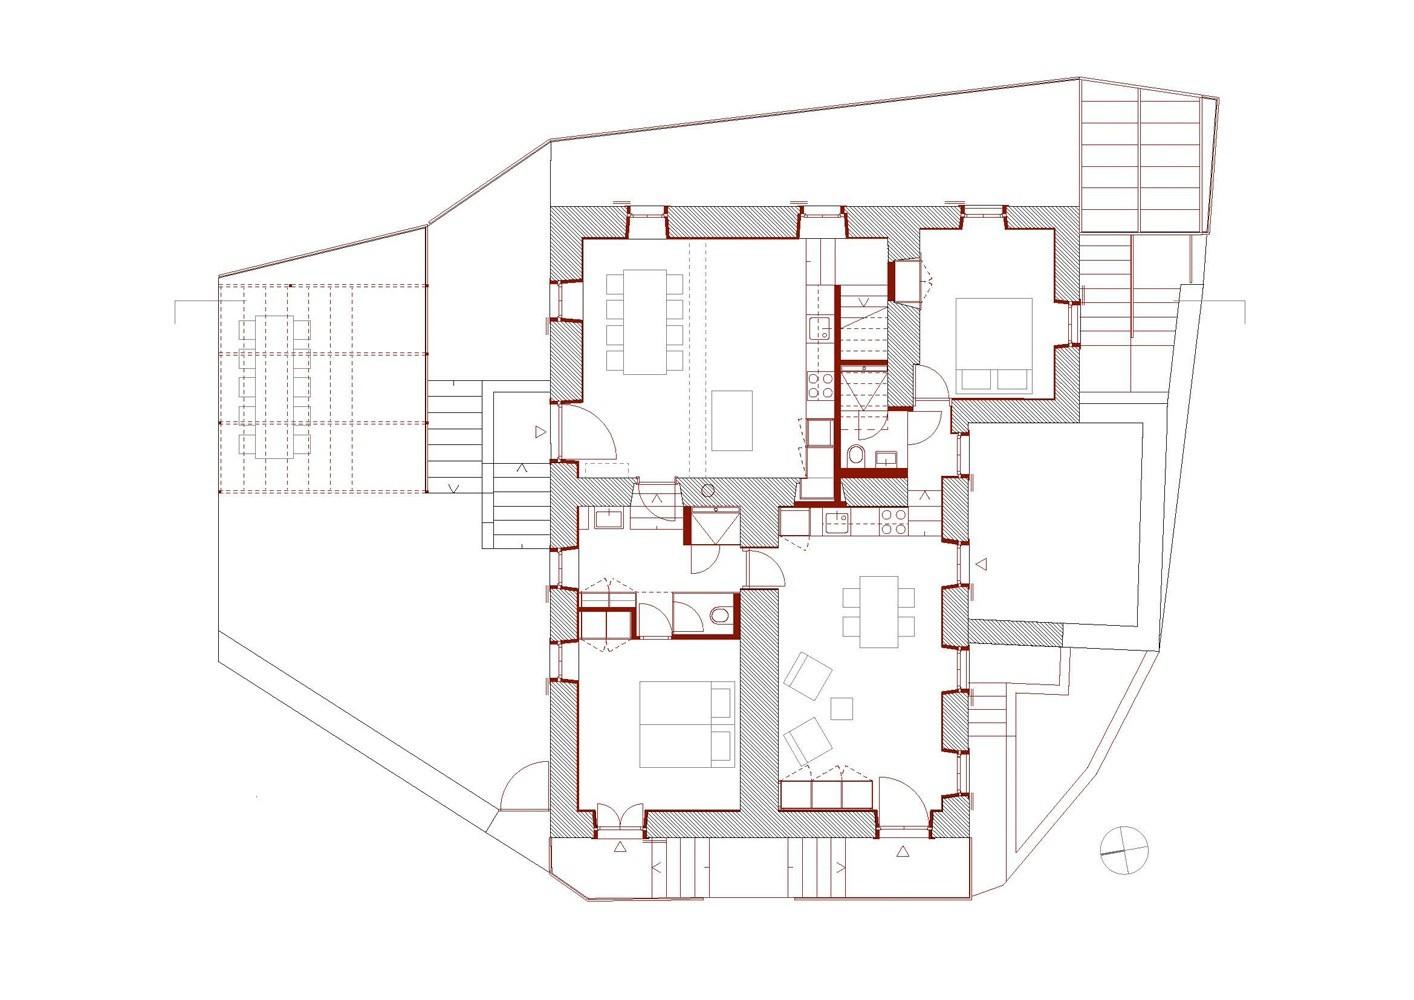 Conversion of castel mirabel in olgiasca met architektur archdaily - Architektur plan ...